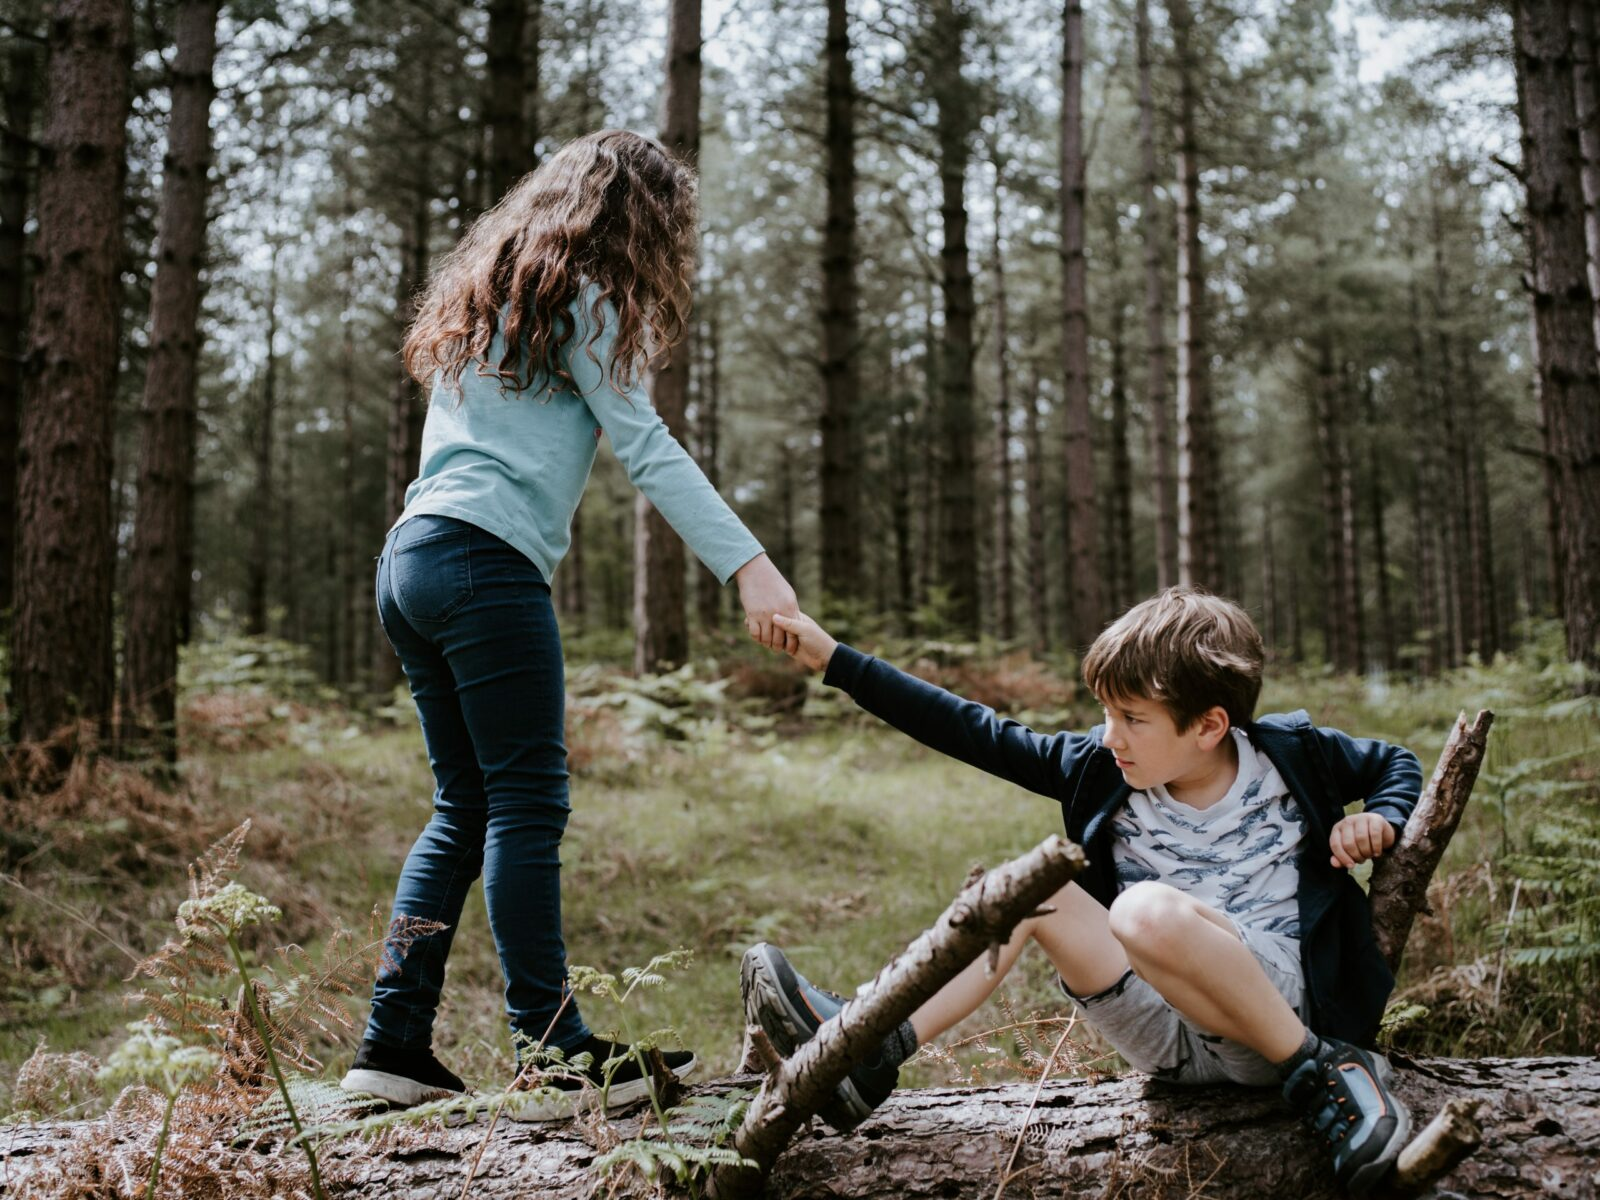 Kind helpt ander kind. Basismanieren voor kinderen